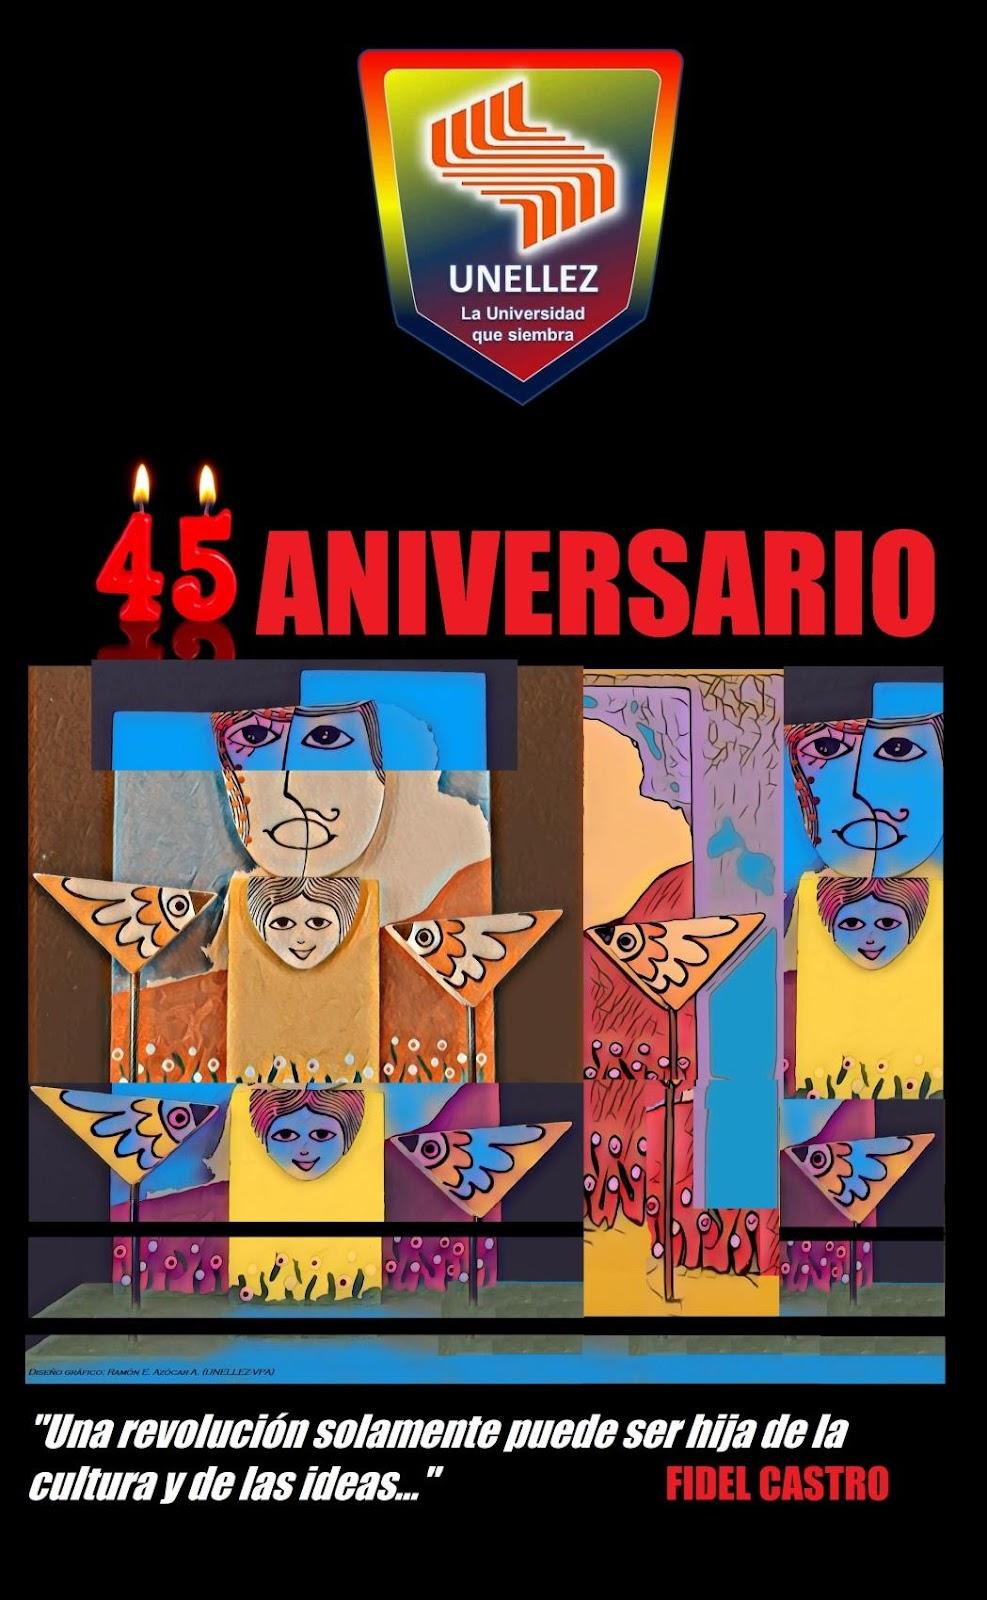 C:UsersRAMONDocuments@ESTUDIOS AVANZADOS información solicitada 2020AFICHE 2020 45 AniversarioDiseño de Afiche 45 ANIVERSARIO 2020 Ramón E. Azócar A..jpg